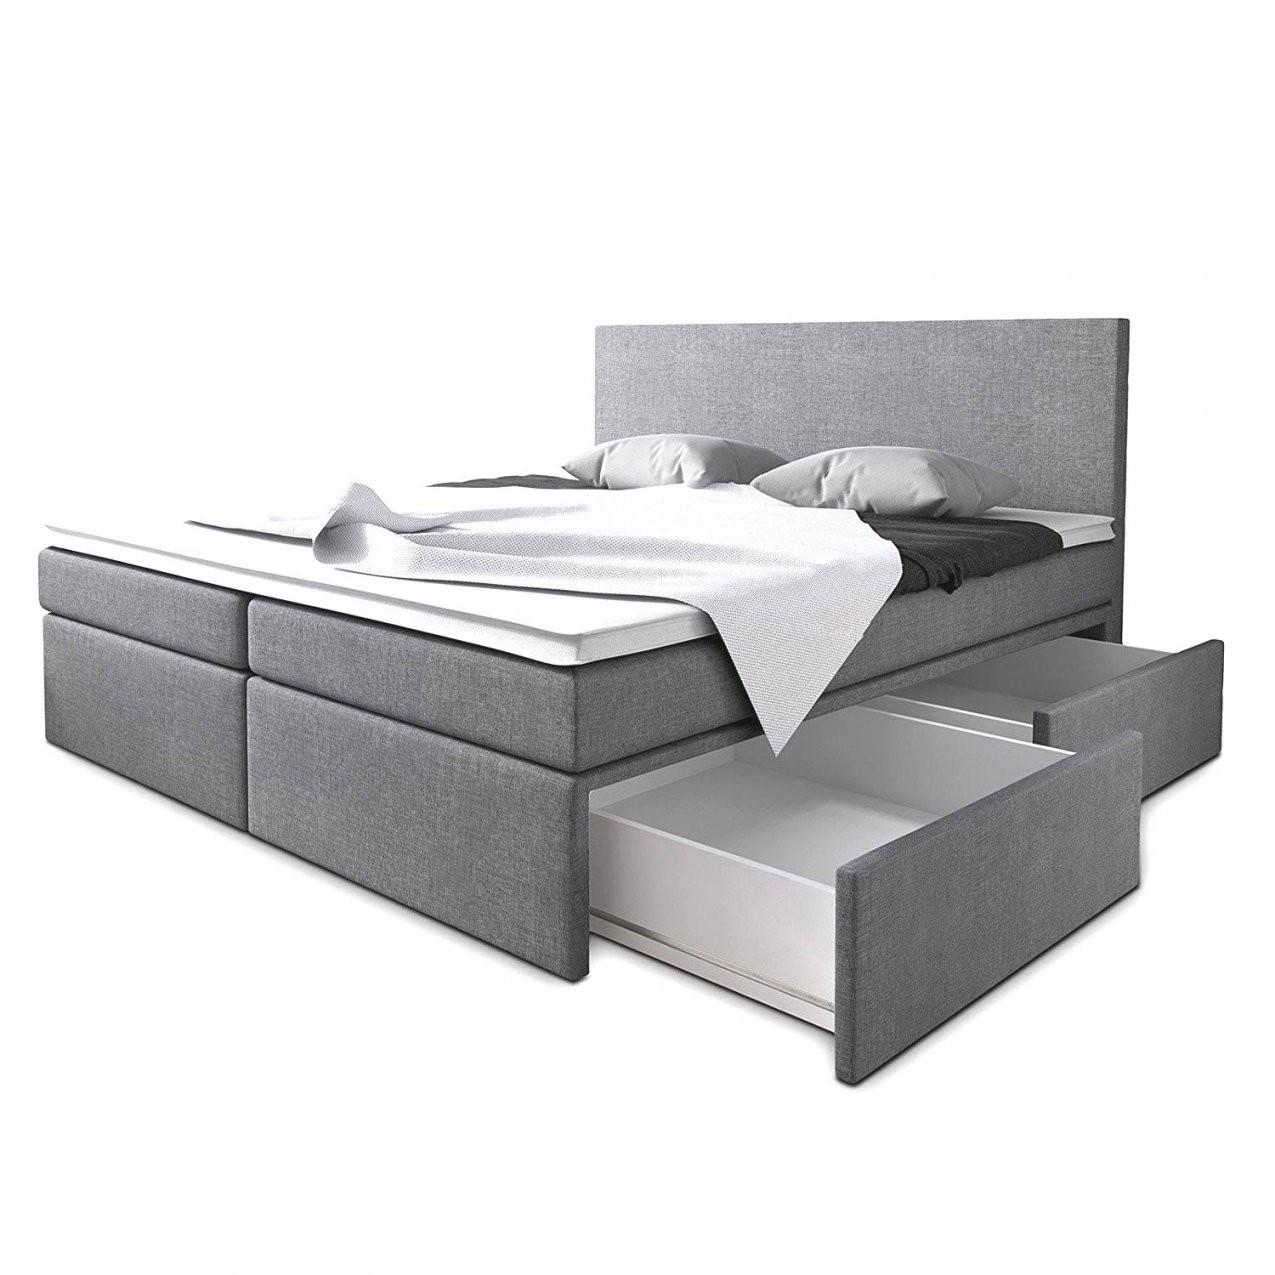 Wunderbar Roller Betten 160X200 Bett 160 200 Poco Valberlucio Site von Roller Betten Mit Bettkasten Photo